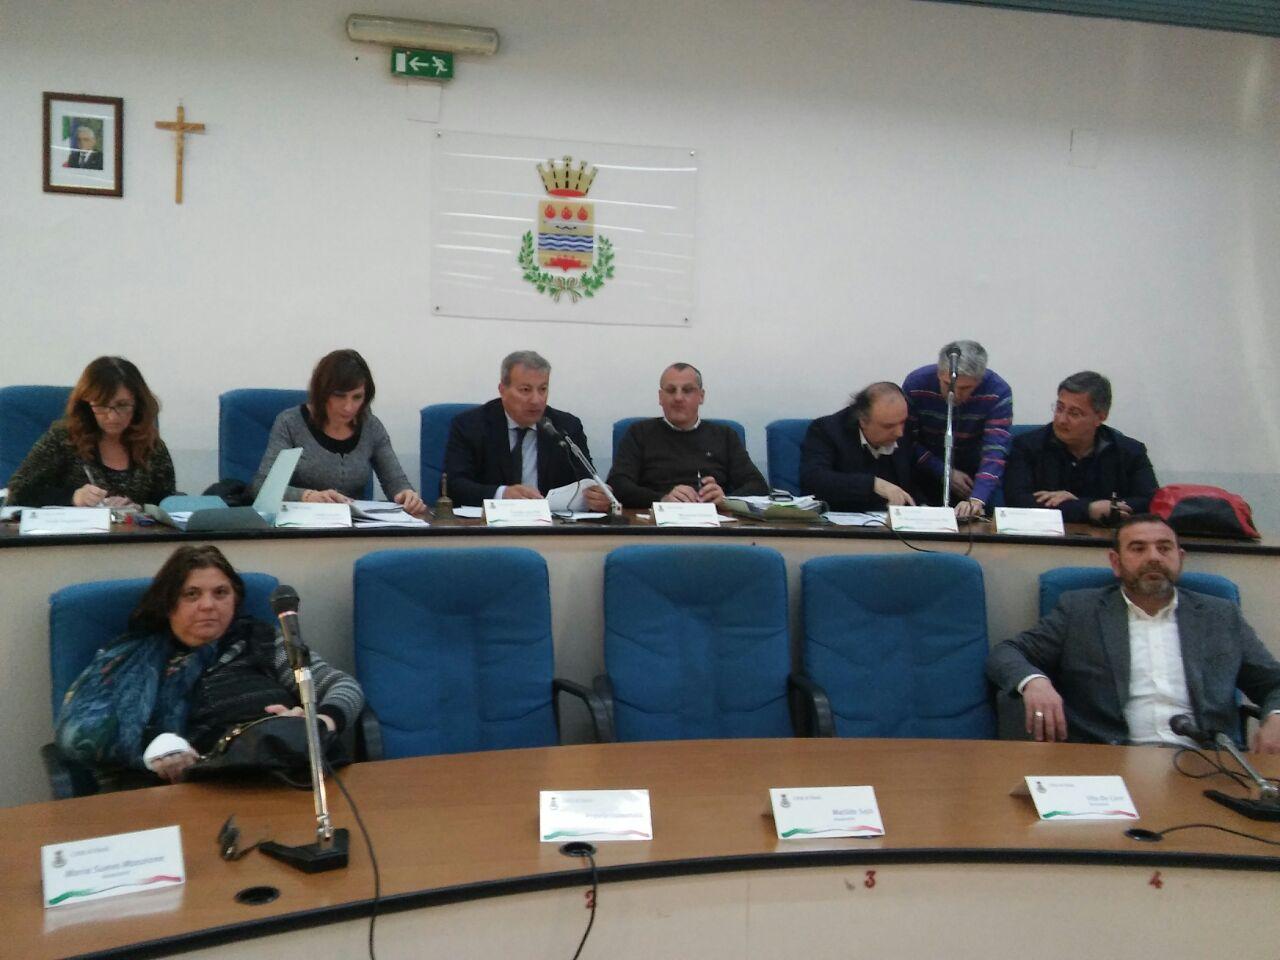 consiglio comunale eboli-bilancio 2017